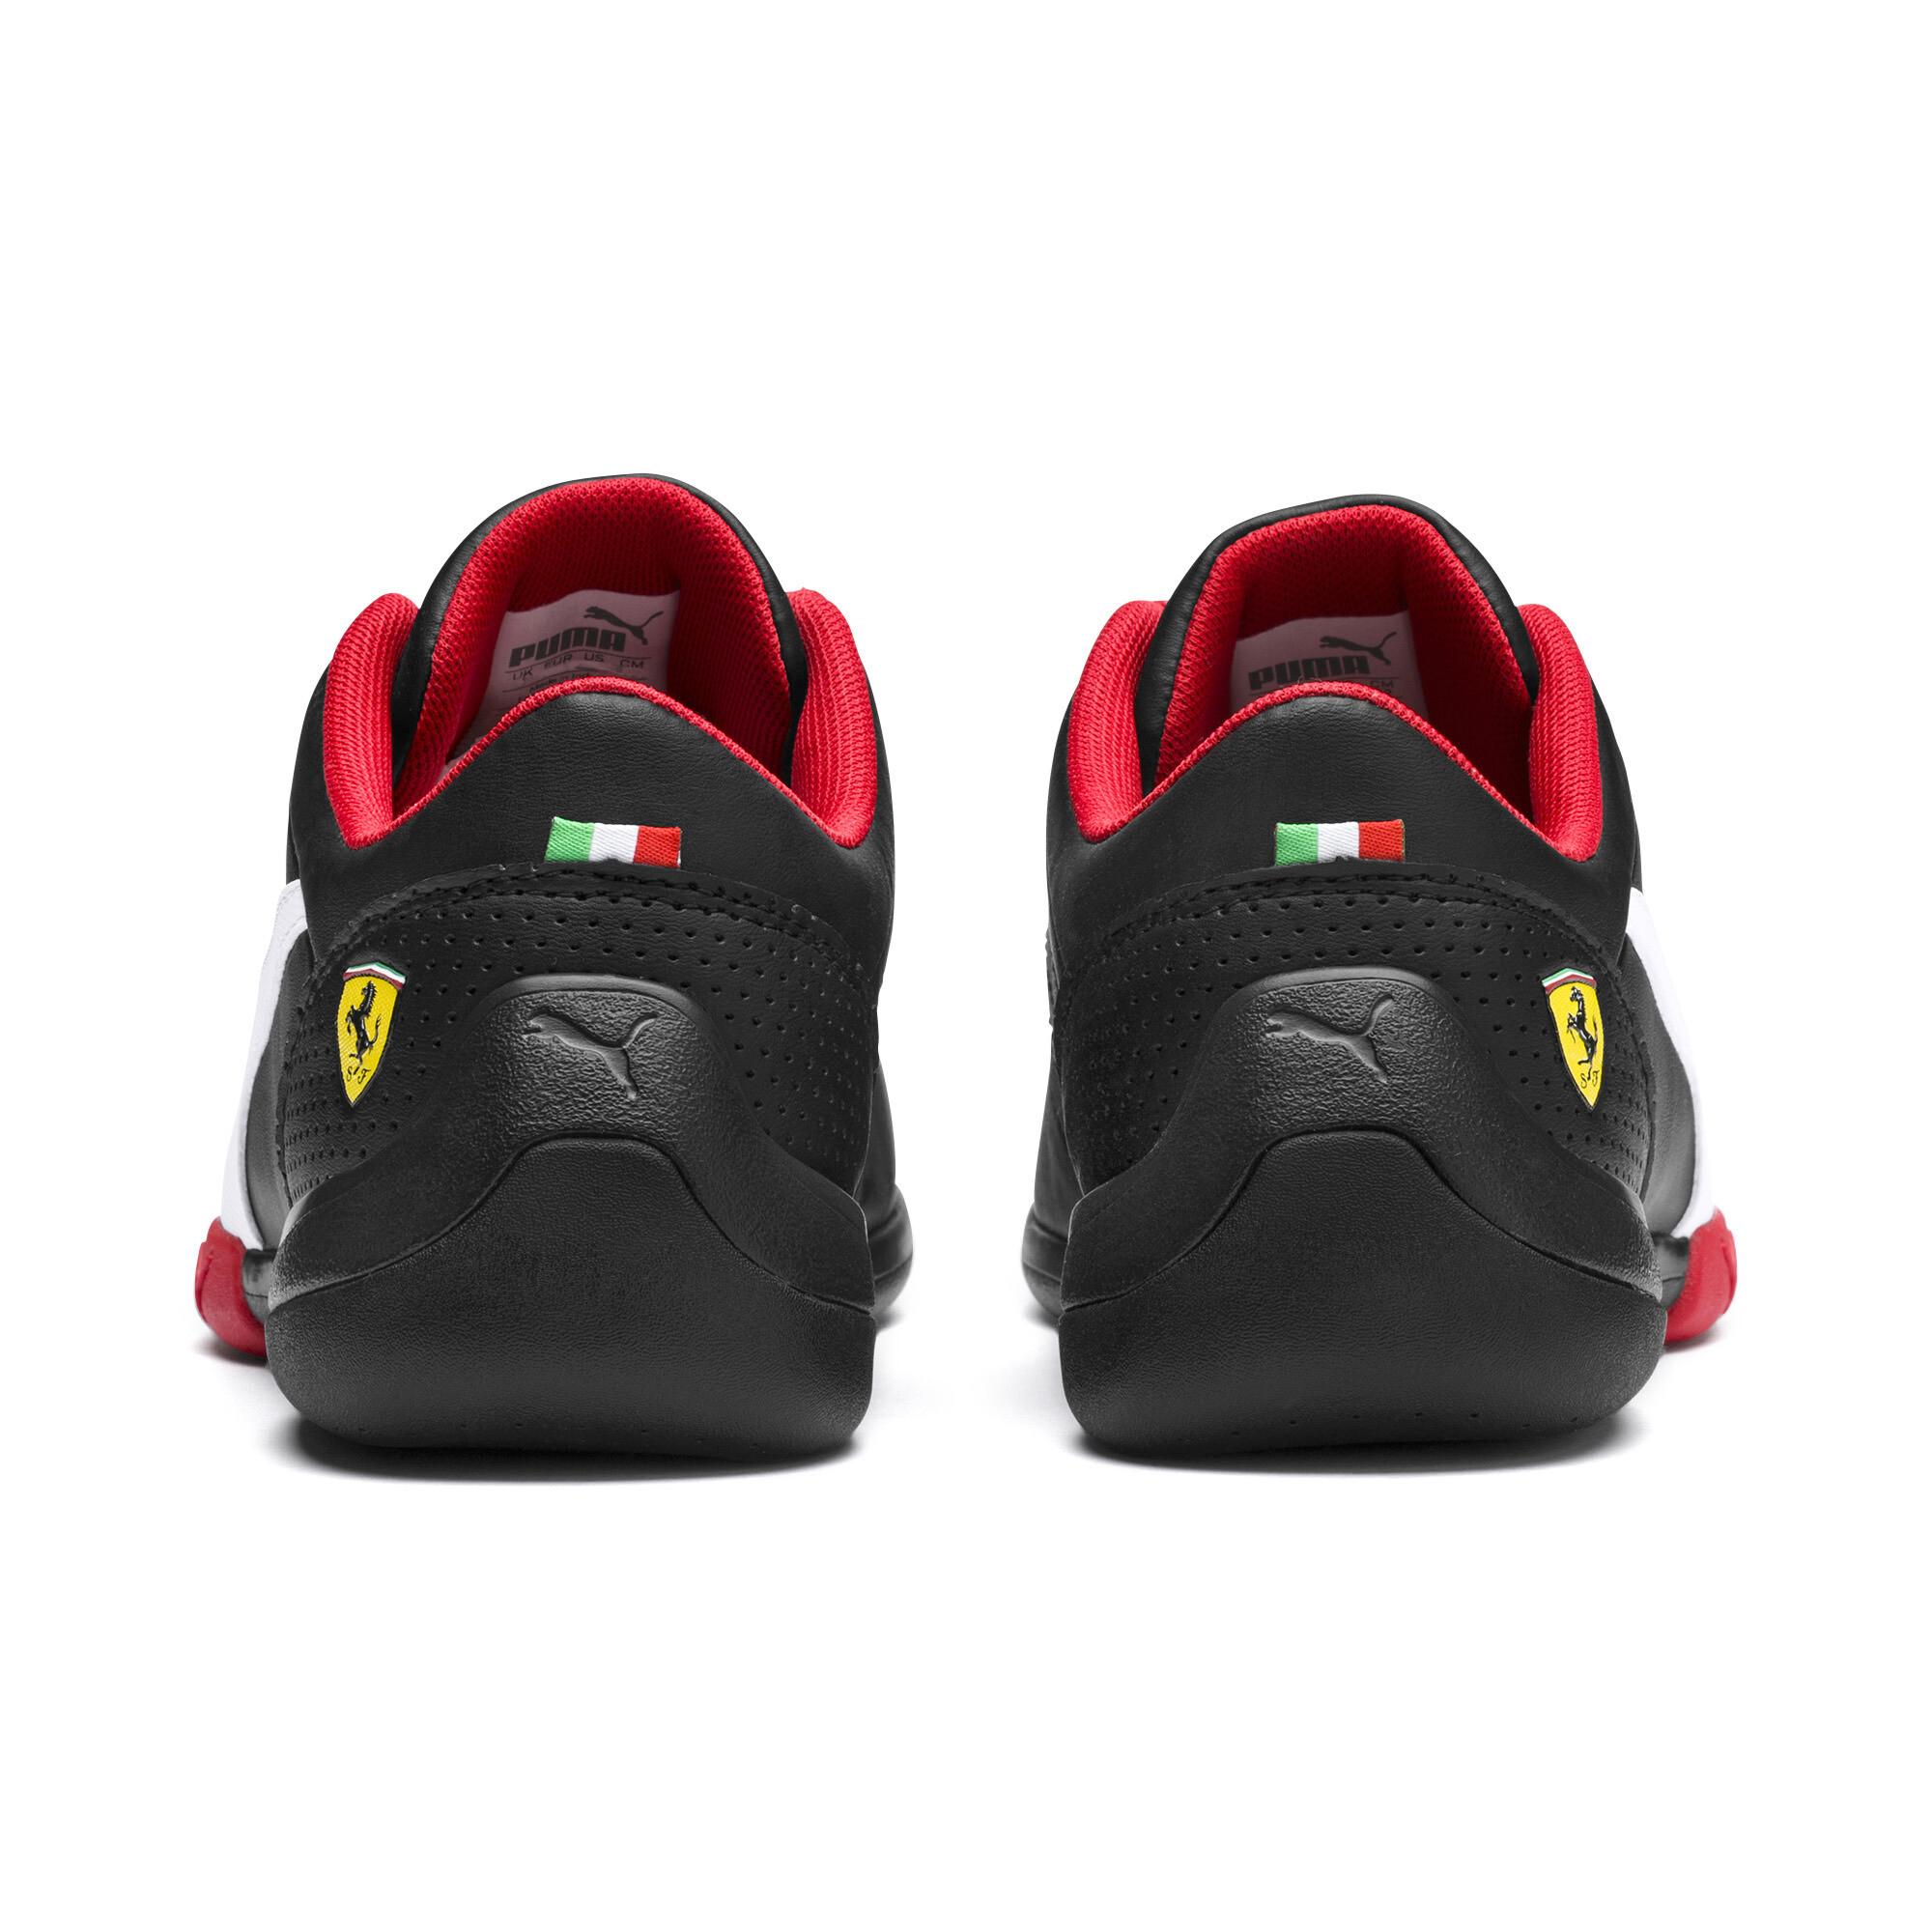 PUMA-Scuderia-Ferrari-Kart-Cat-III-Shoes-Men-Shoe-Auto thumbnail 10